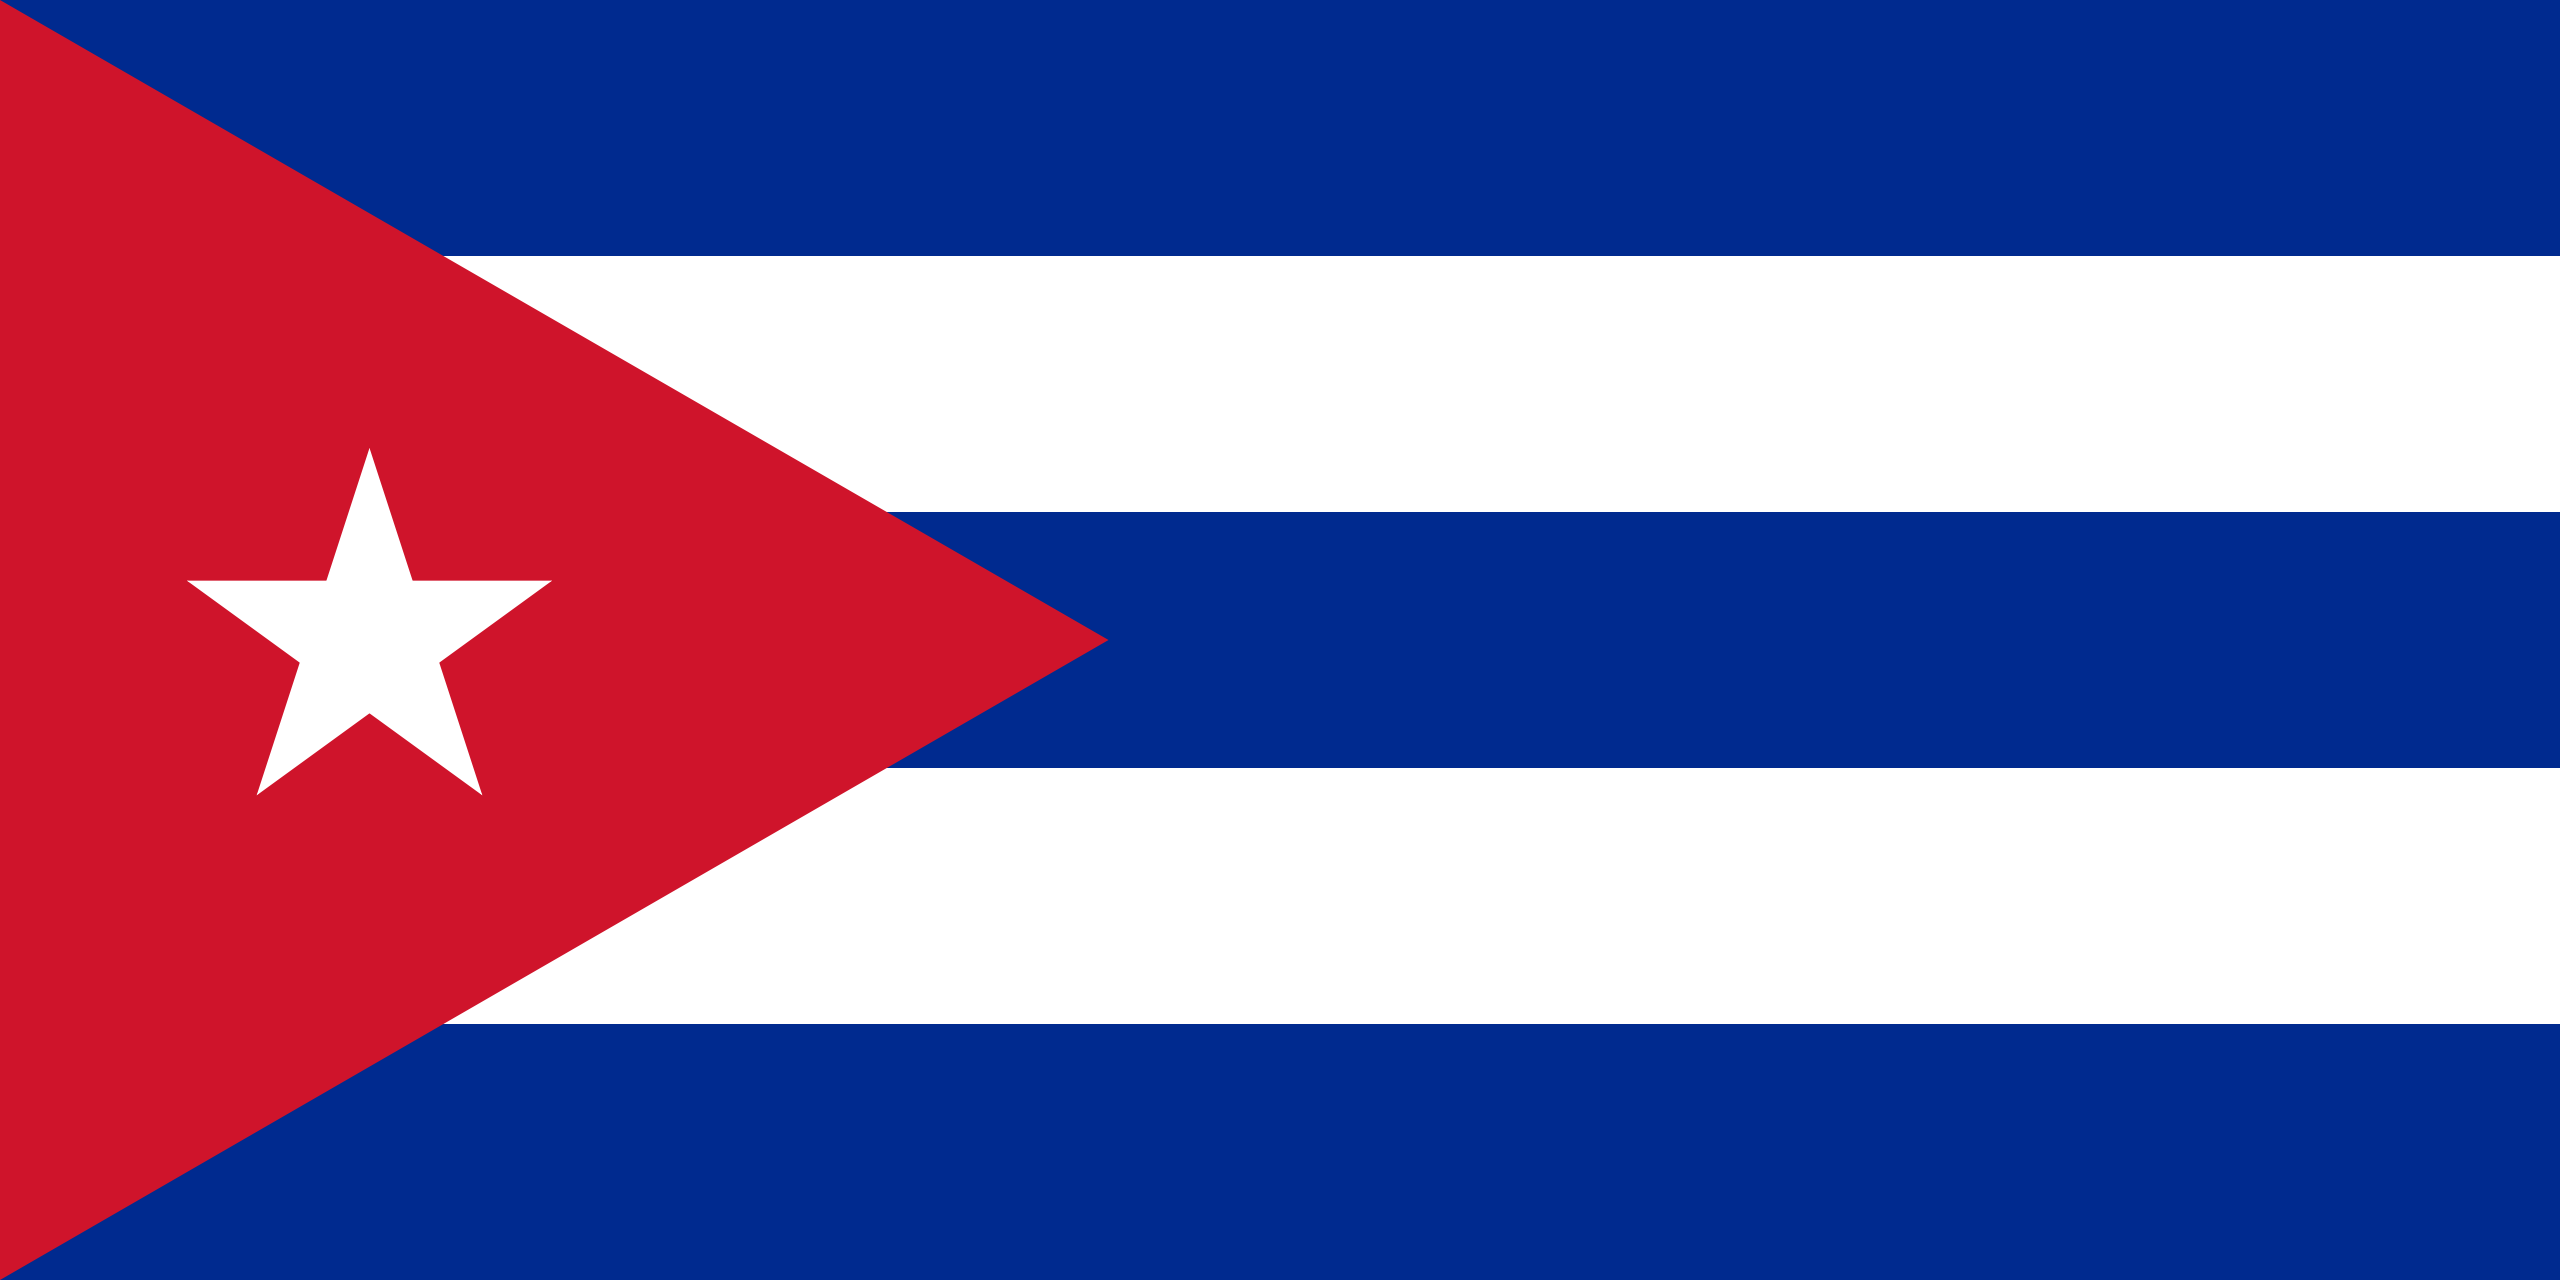 Kuba, Land, Emblem, Logo, Symbol - Wallpaper HD - Prof.-falken.com